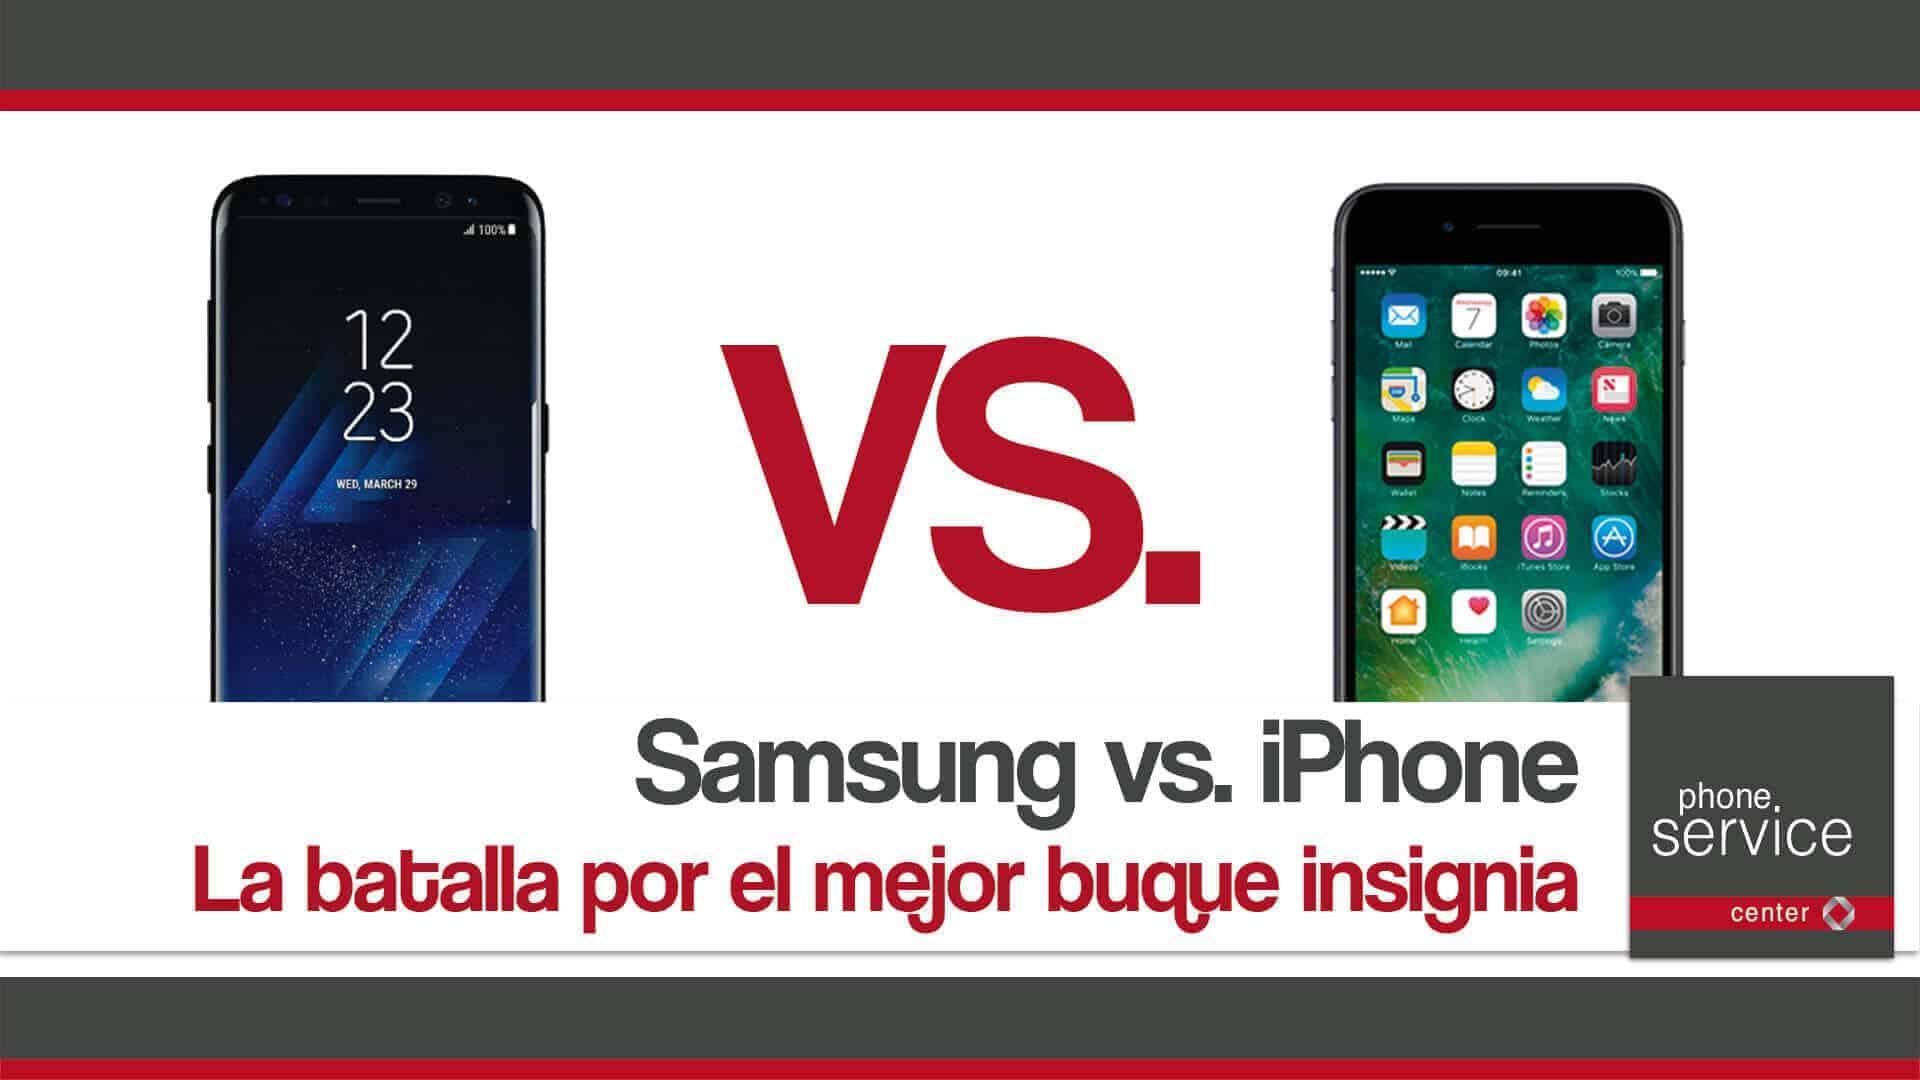 Samsung vs. iPhone la batalla por el buque insignia